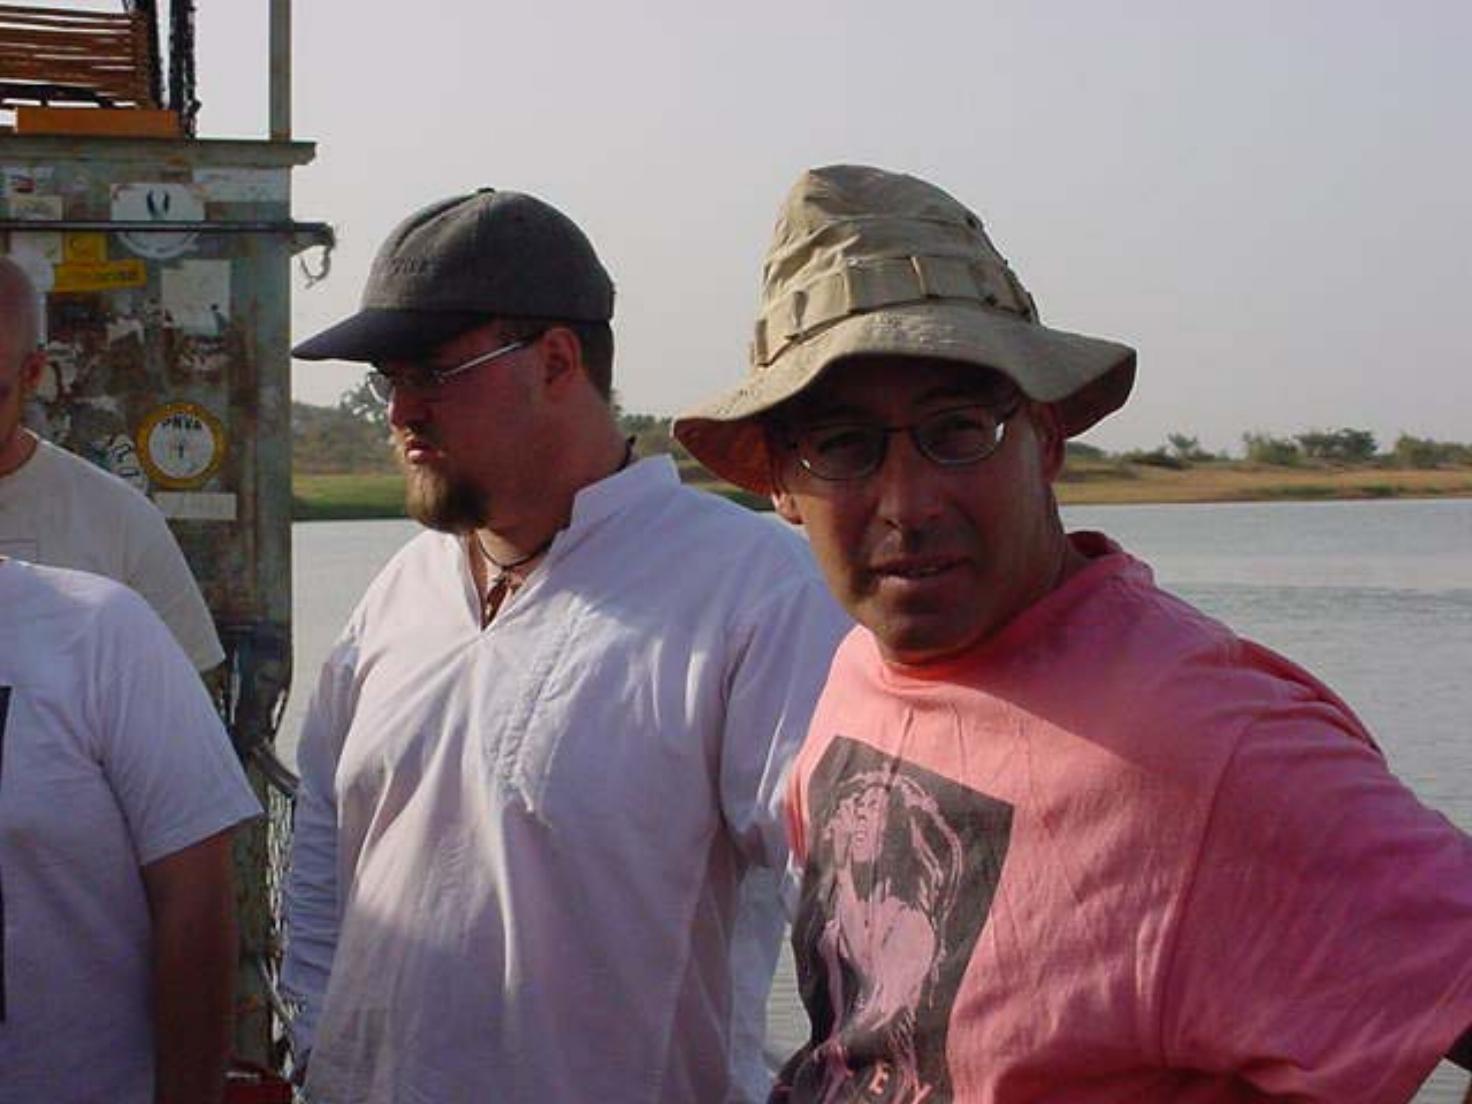 Paul Shumway & Al Cornell on board the Djenne ferry